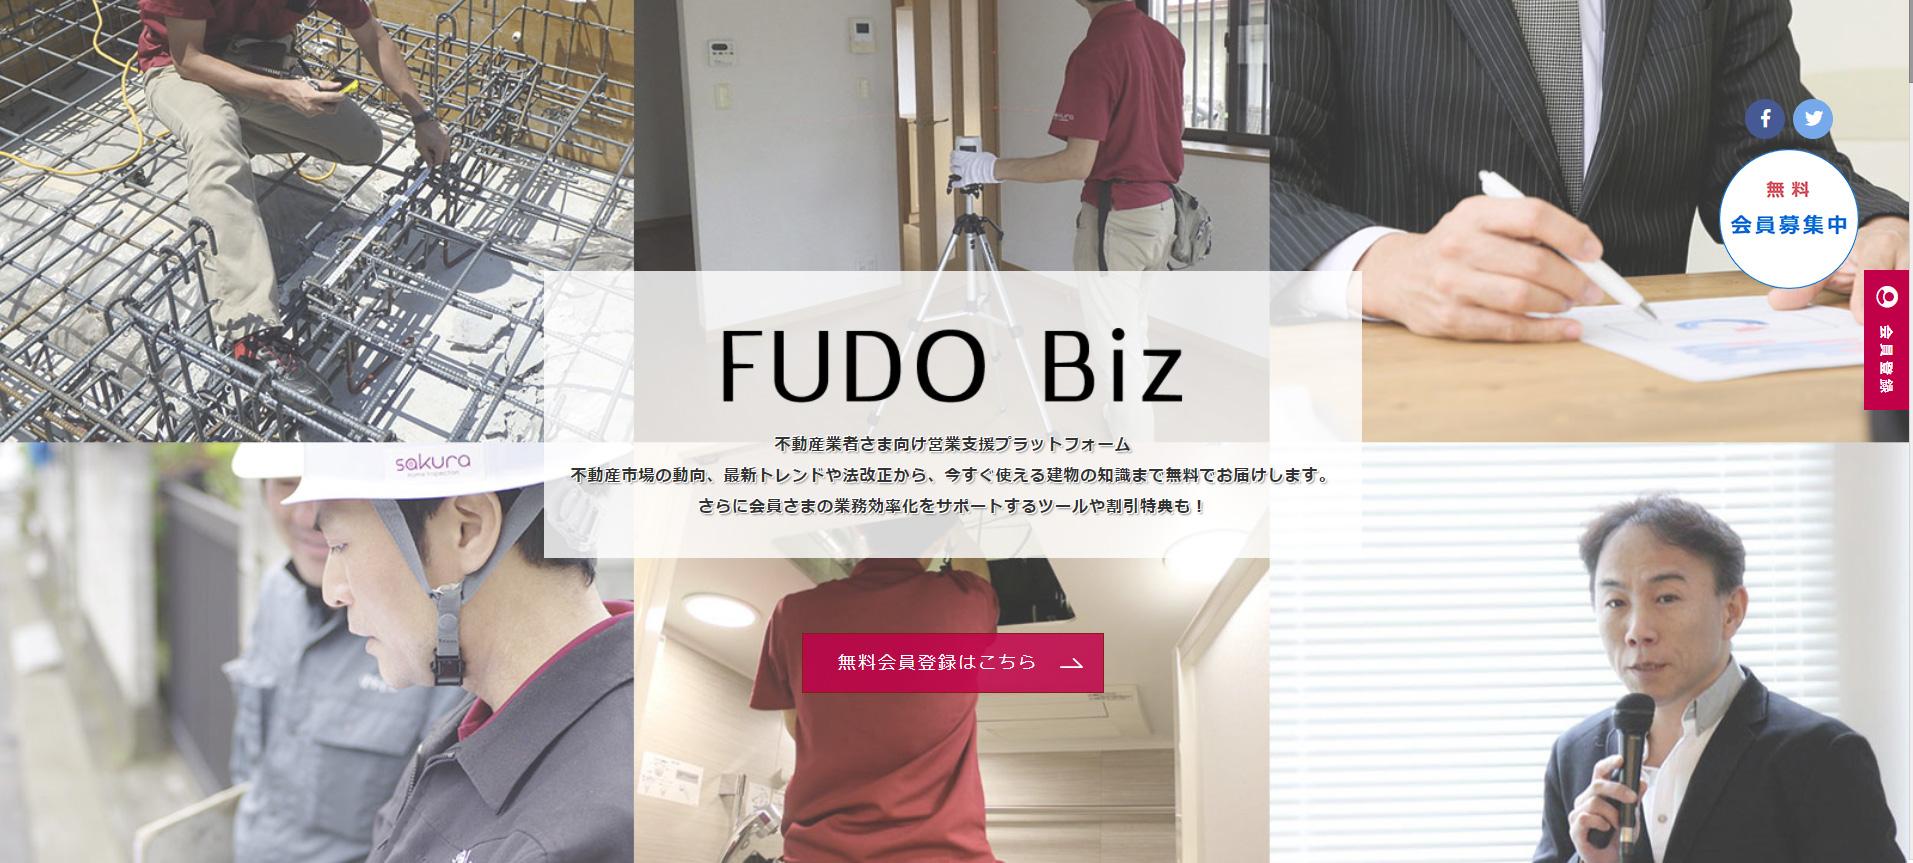 【会員登録無料】不動産業者さま向け営業支援プラットフォーム「FUDO Biz」スタート!